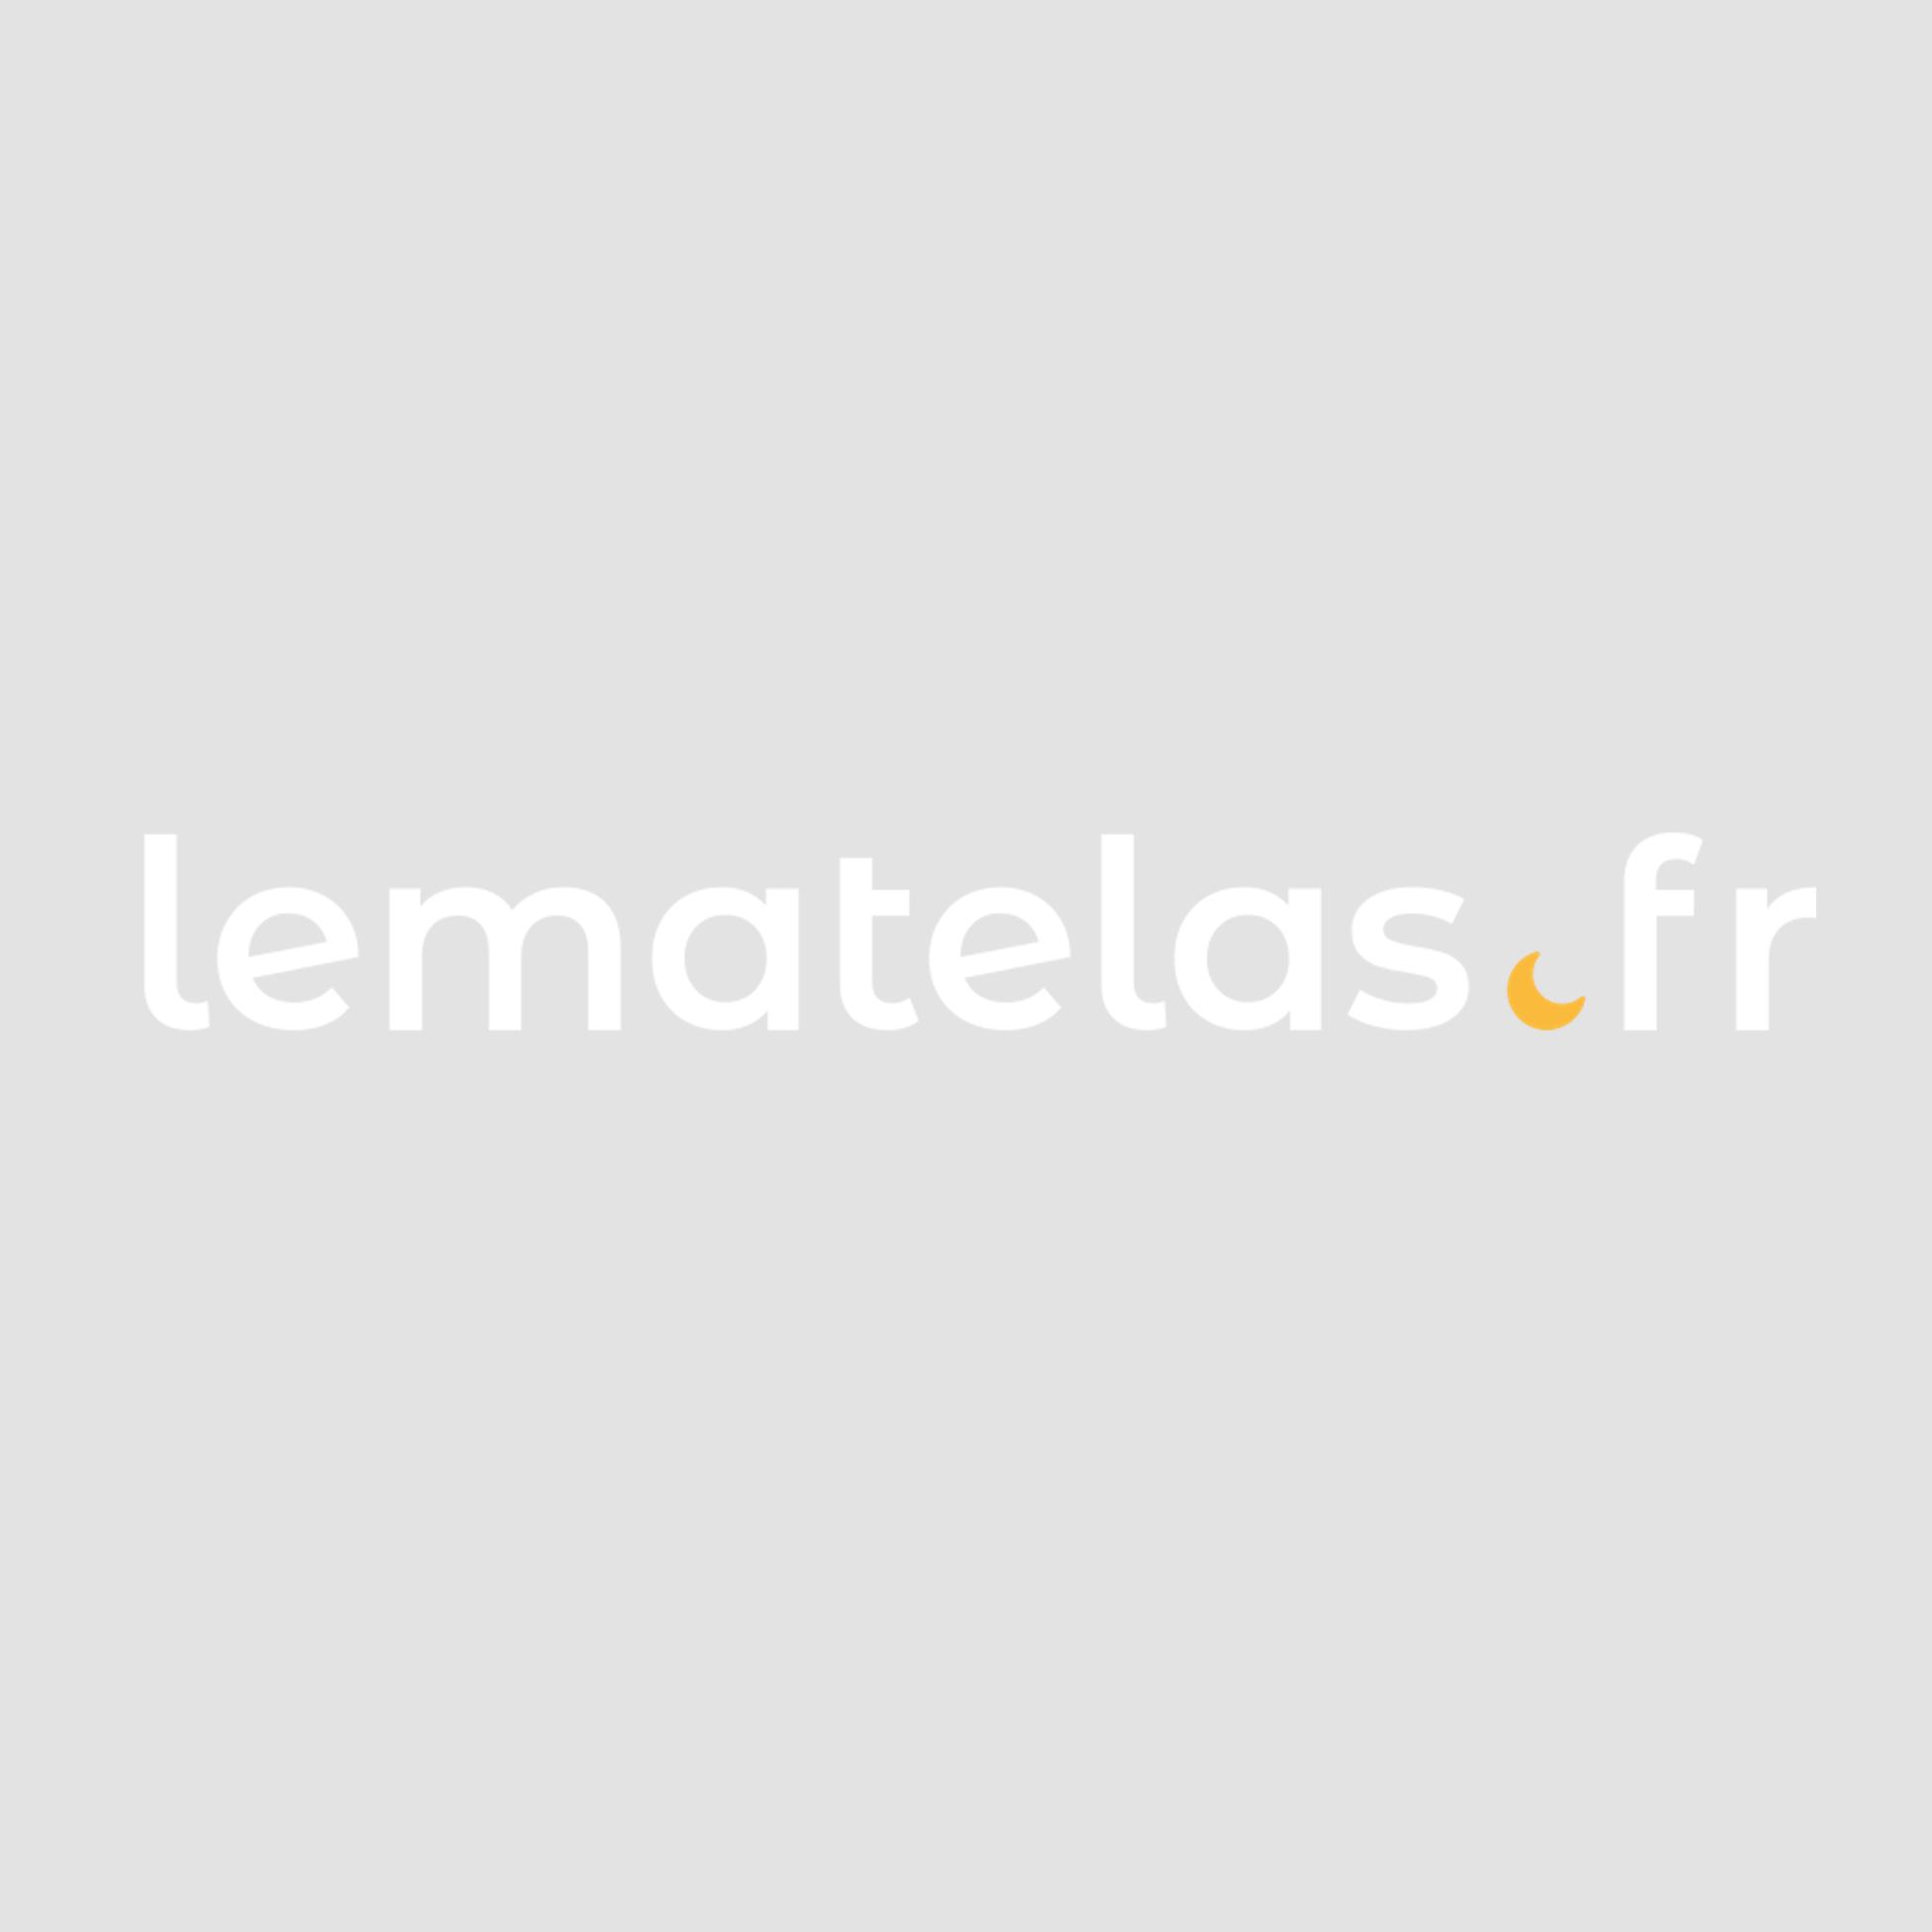 Bureau avec séparations en bois - BU0012